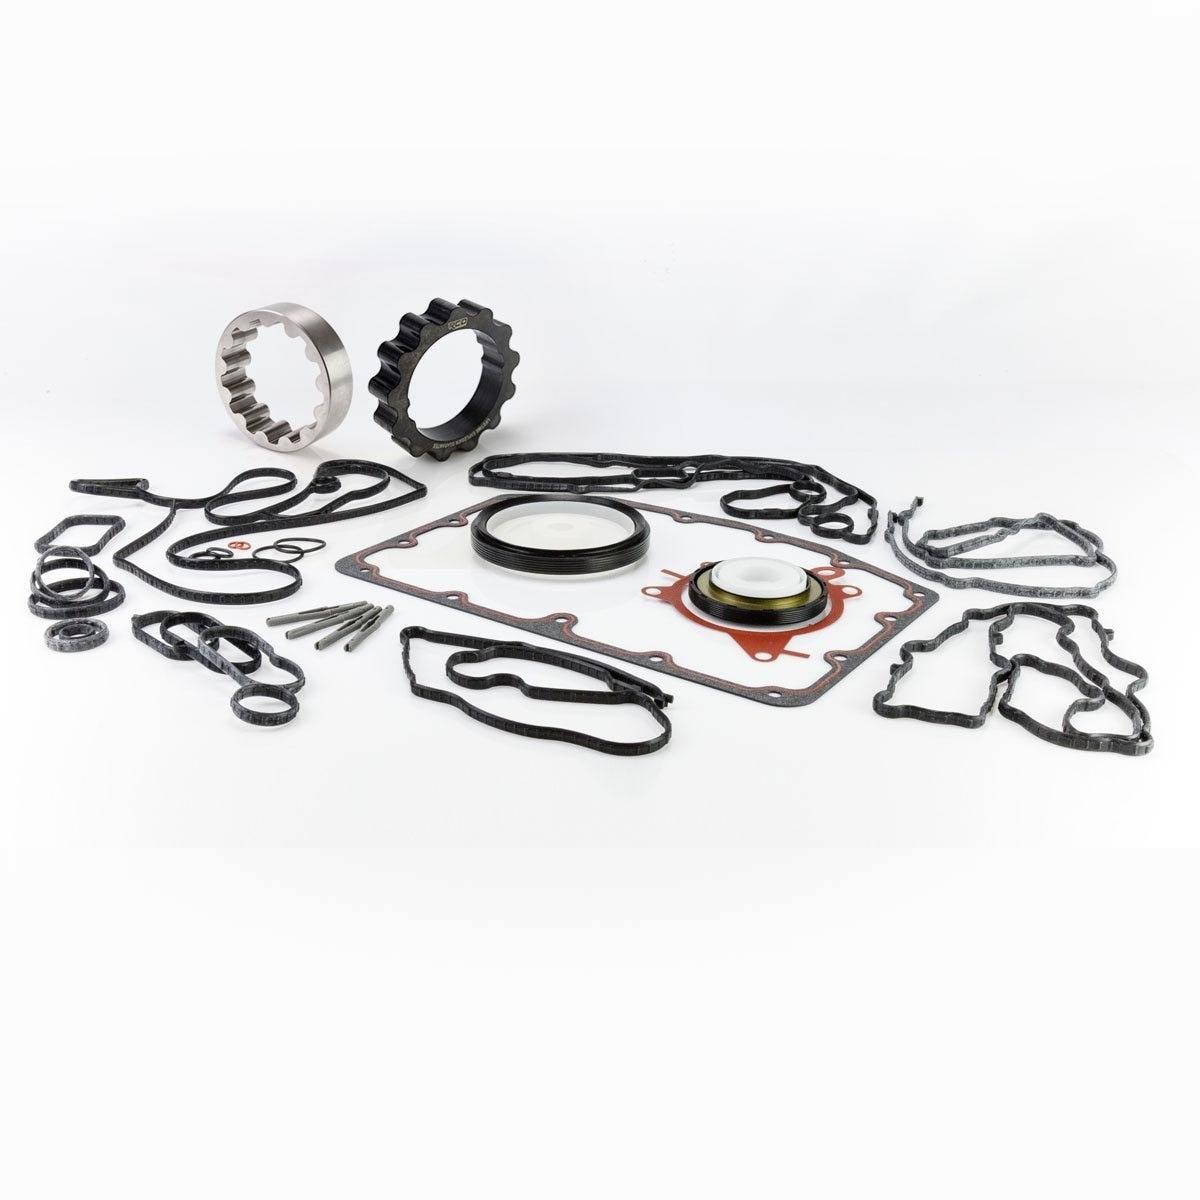 RCD Performance Lifetime Warranty Billet Oil Pump Gear Kit for 6.7L Powerstroke